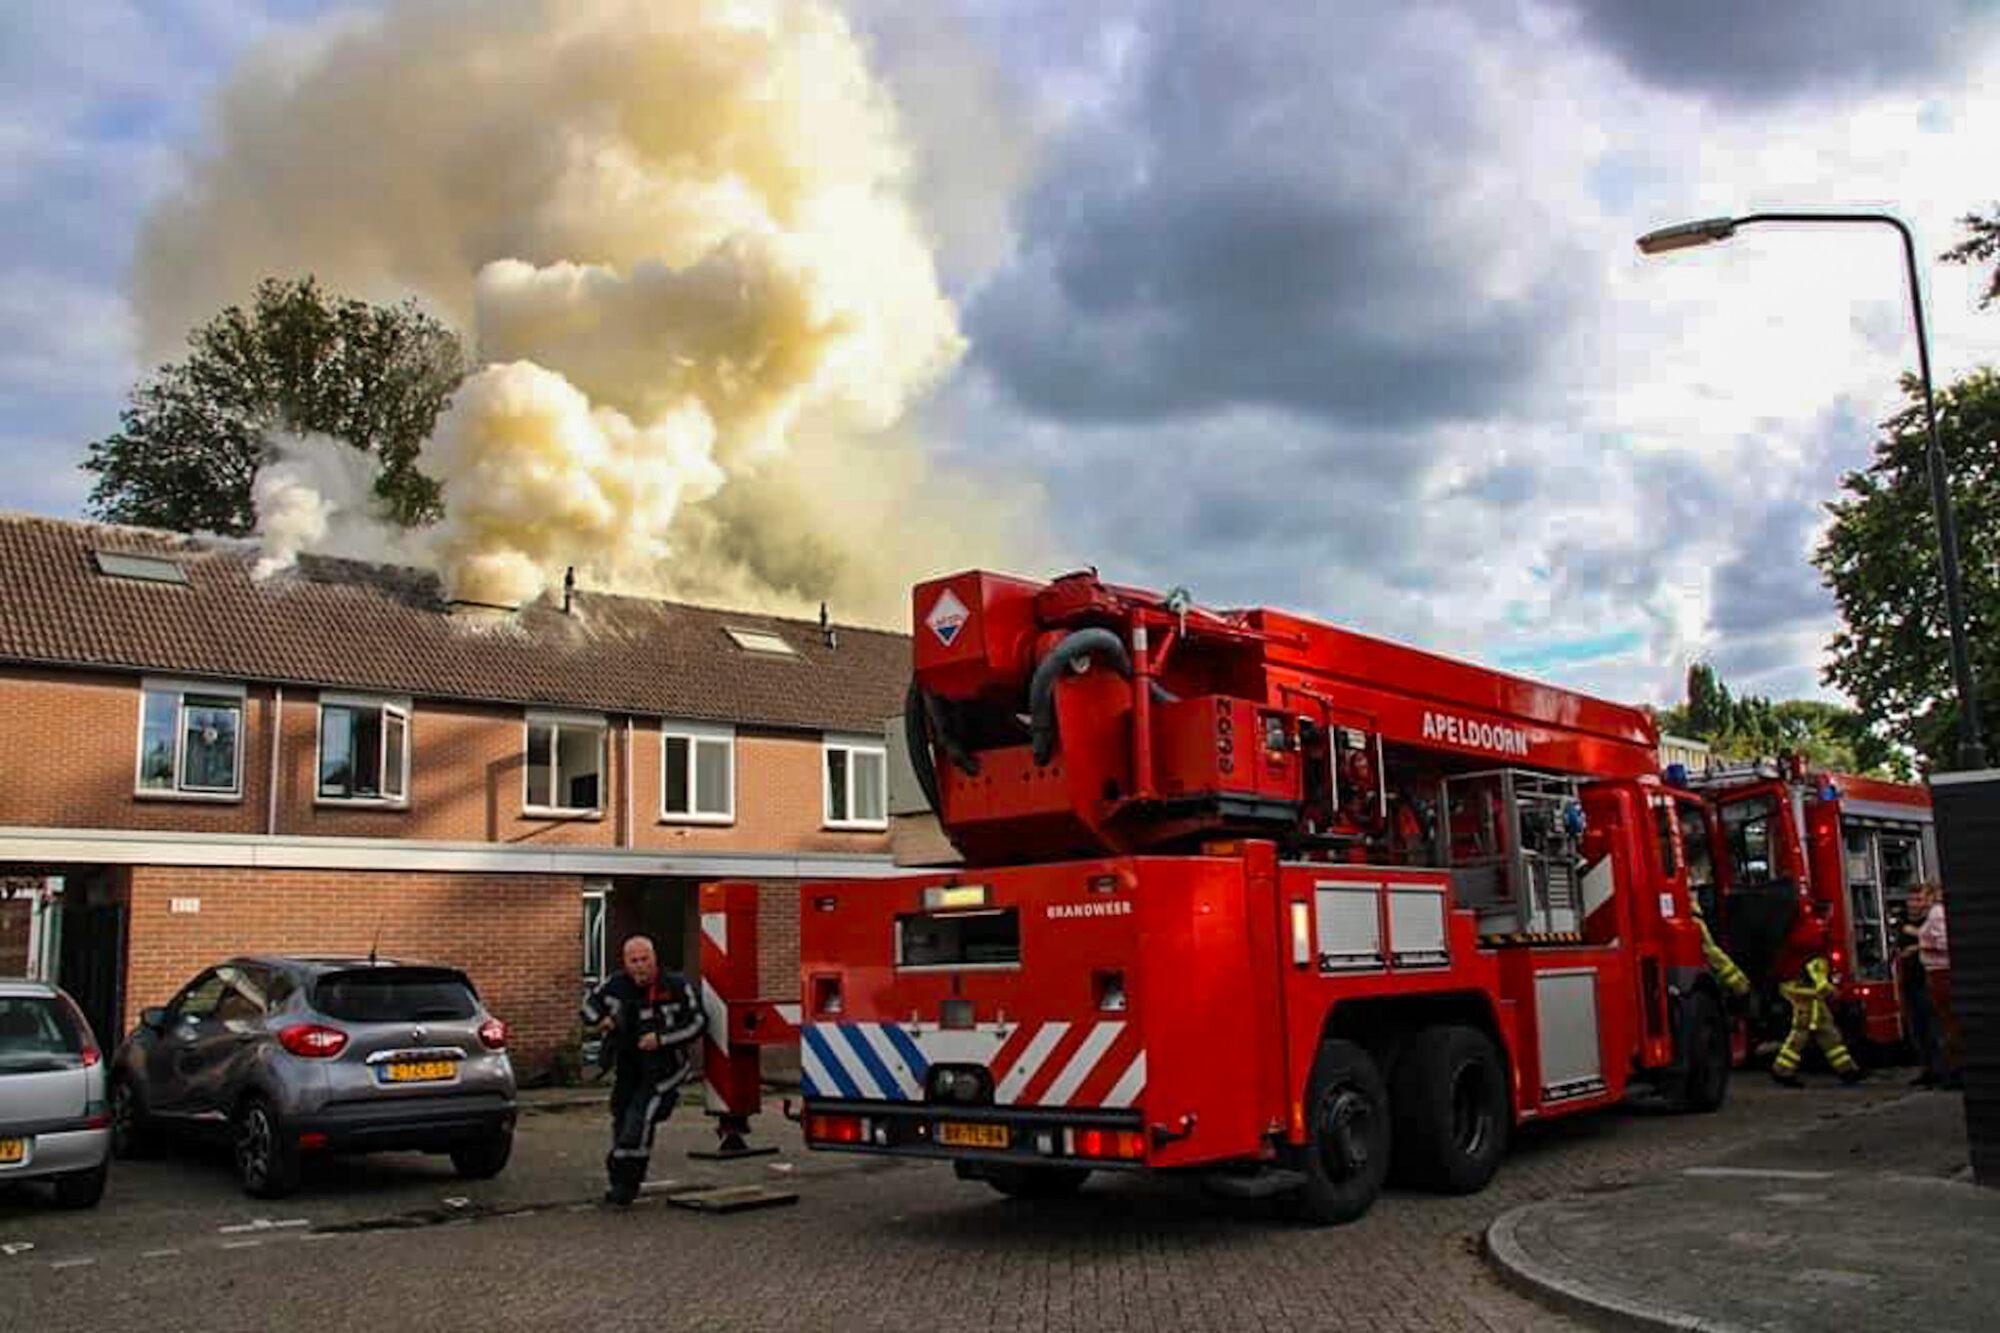 Uitslaande brand in rijtjes woning in Apeldoorn